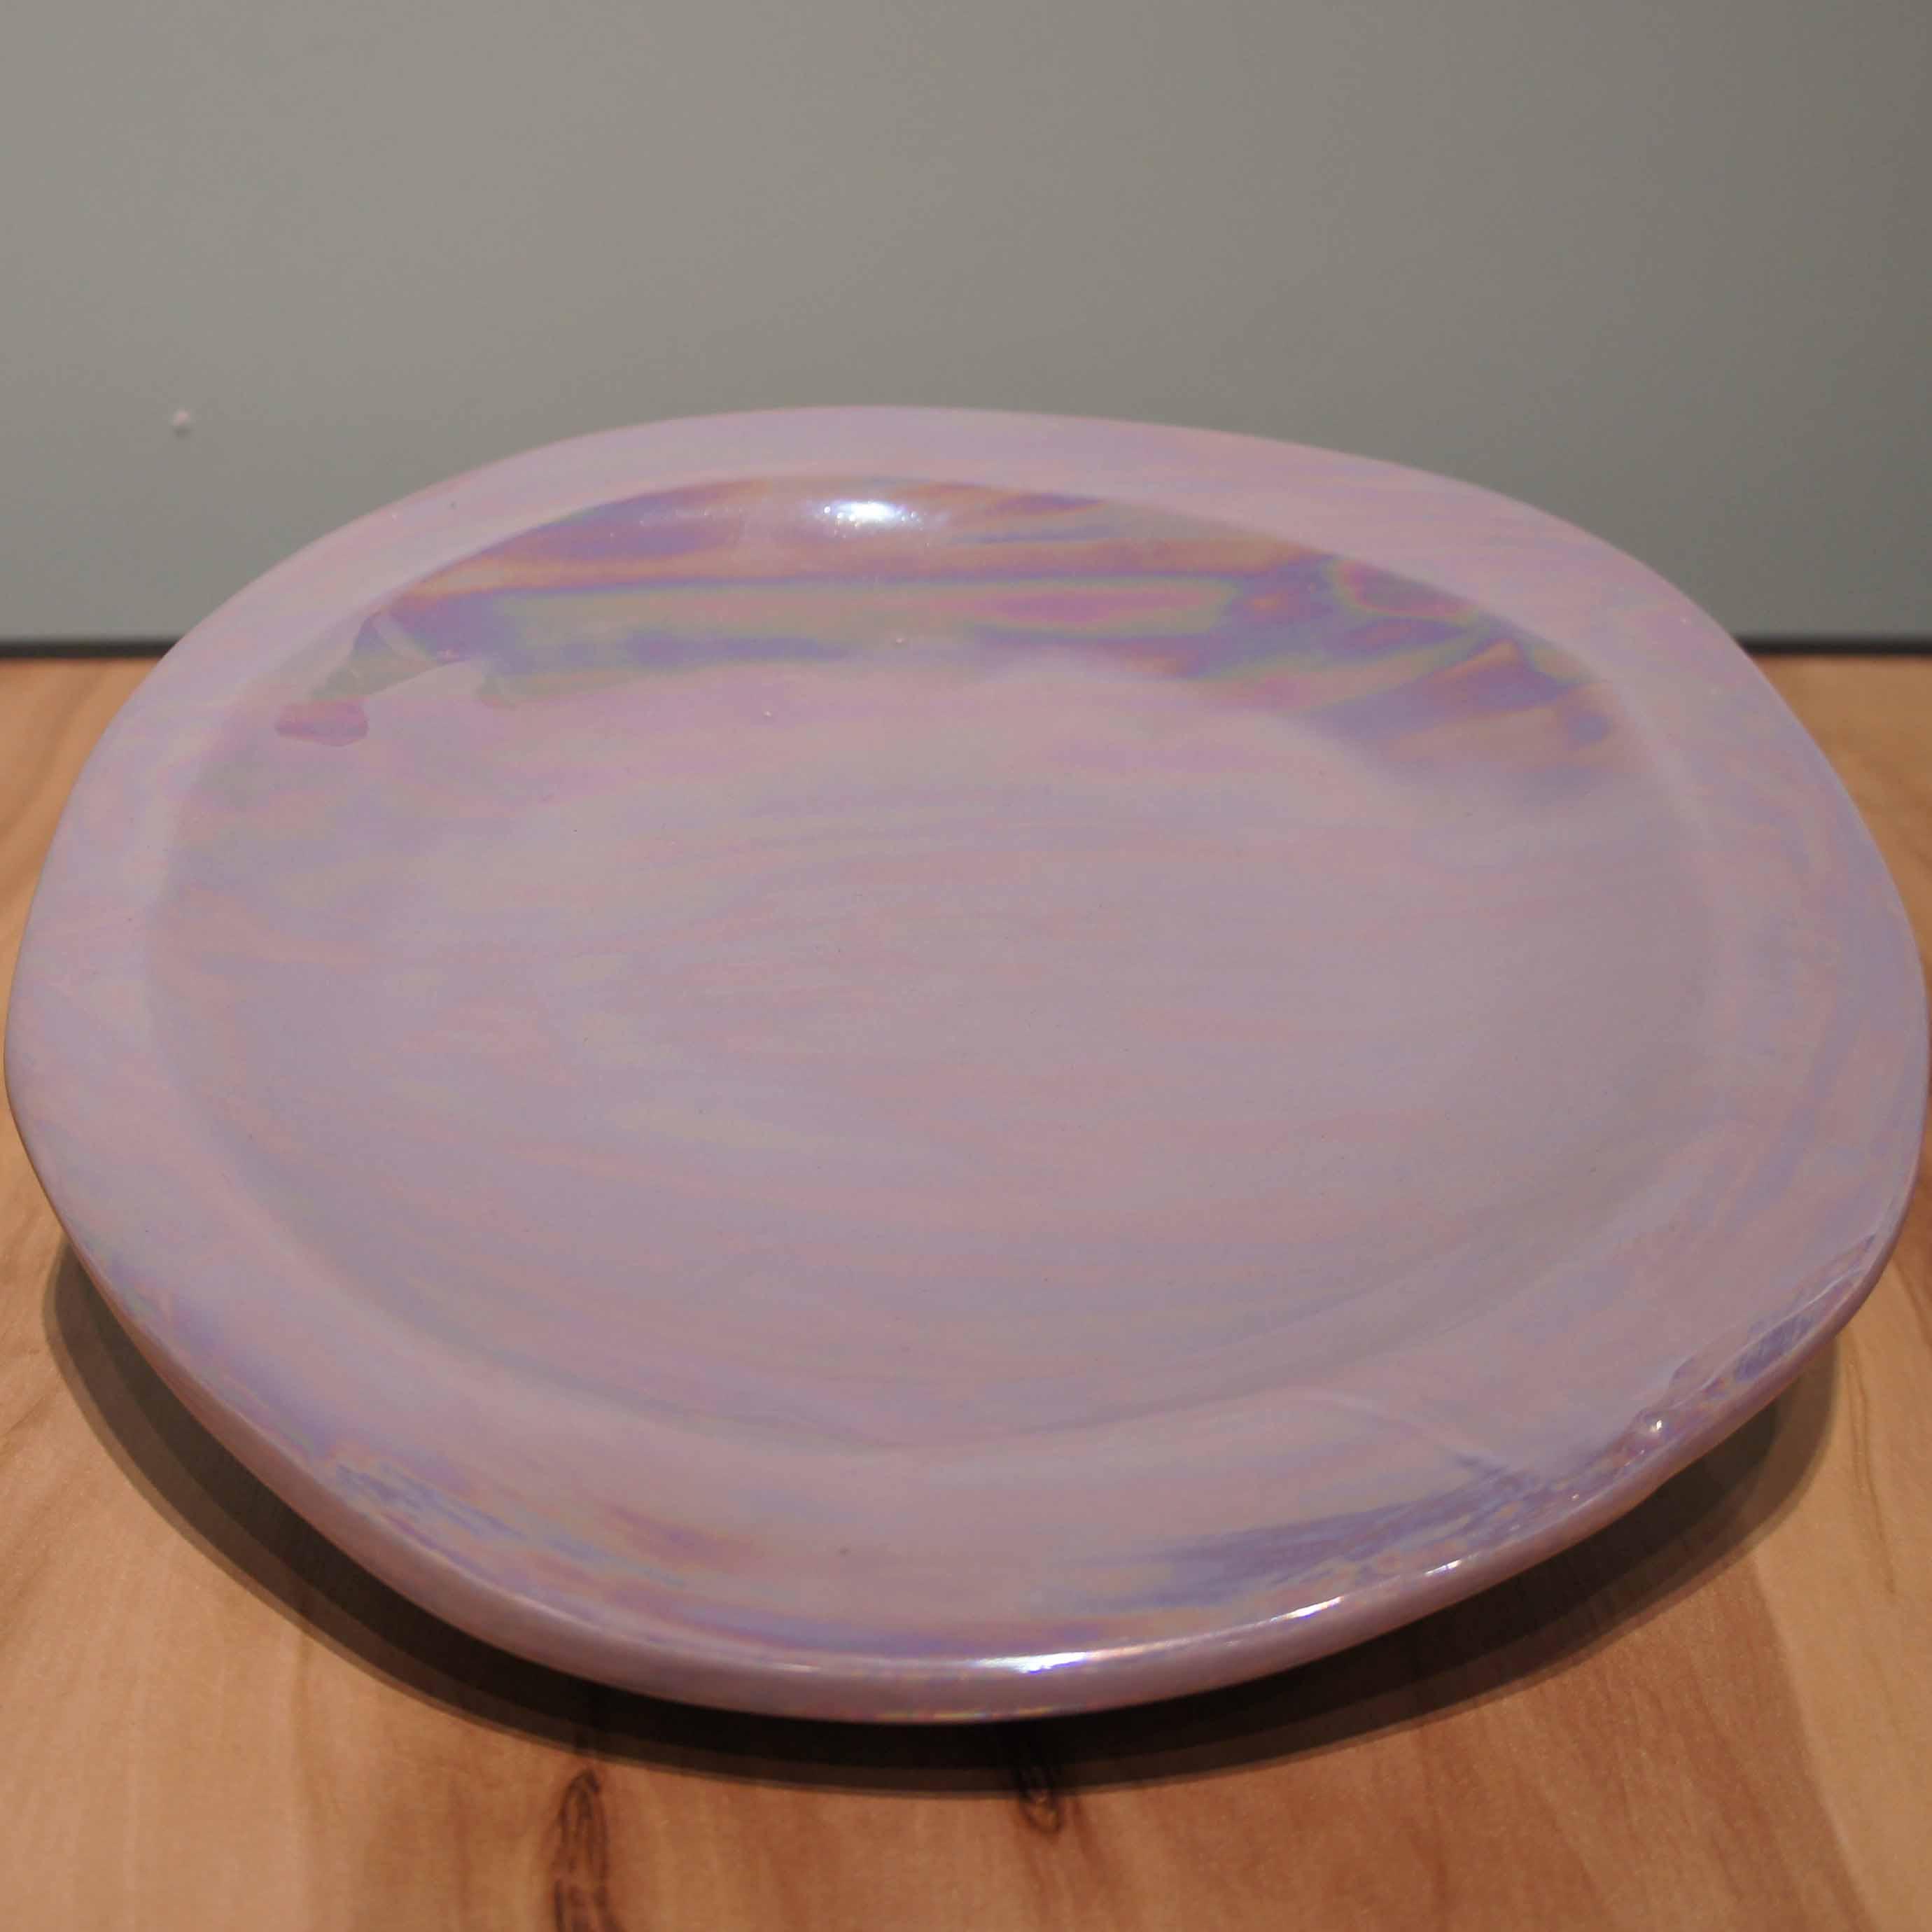 Mahtab Pearl 25cm - Plate